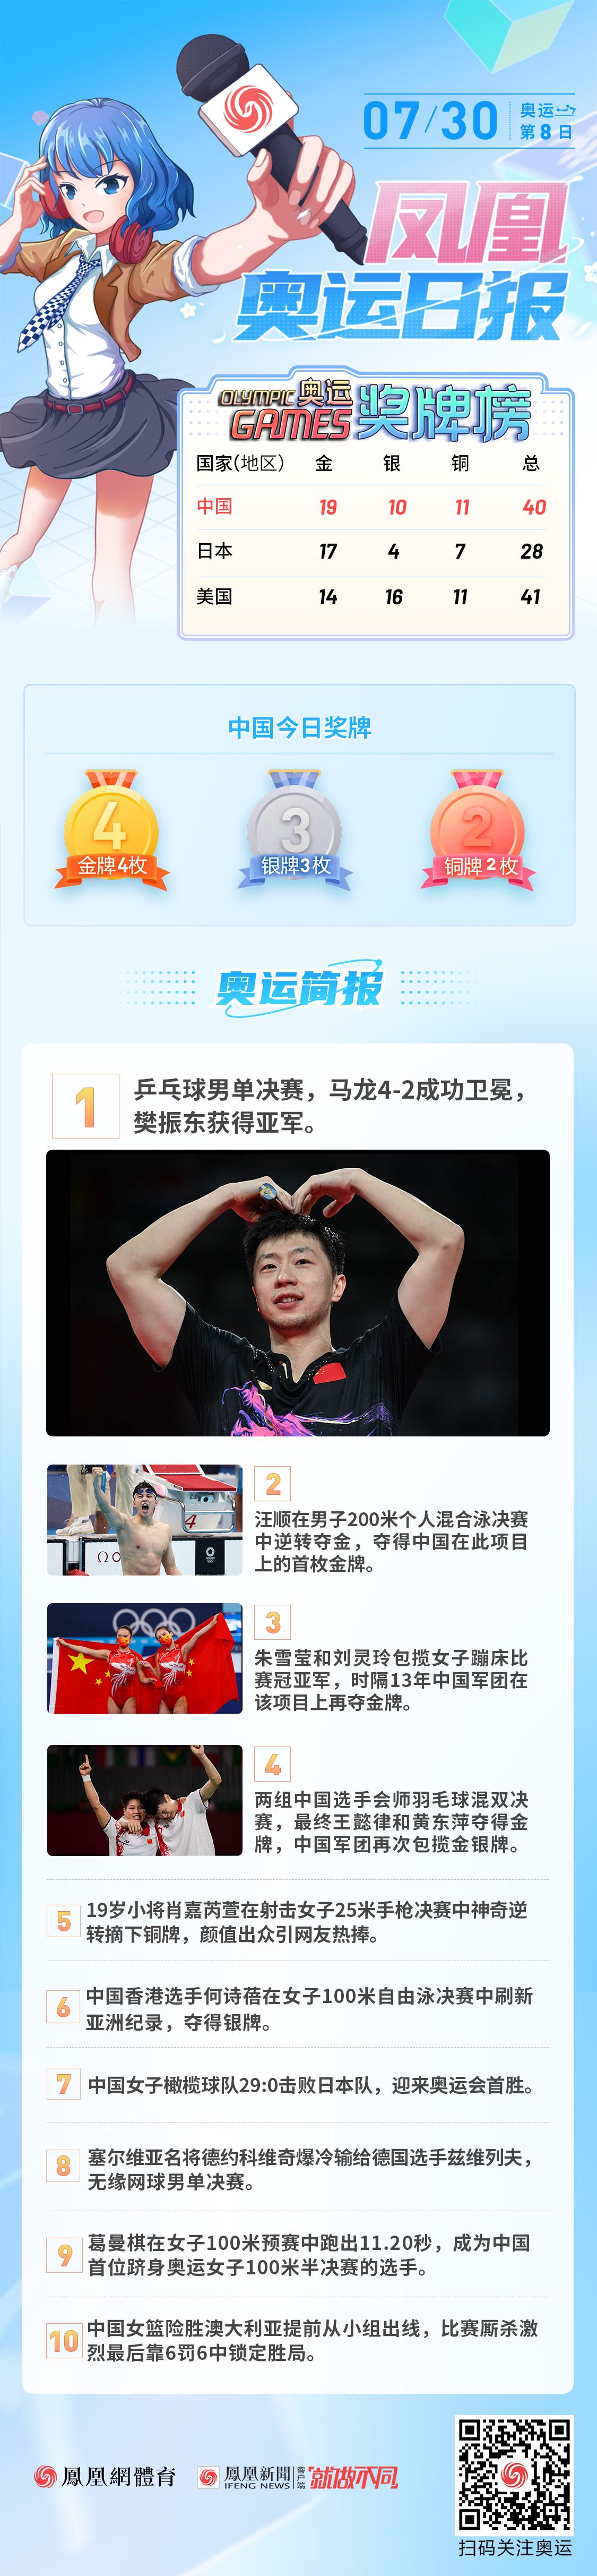 7月30日奧運日報:中國單日收貨4金 馬龍衛冕成功創造歷史